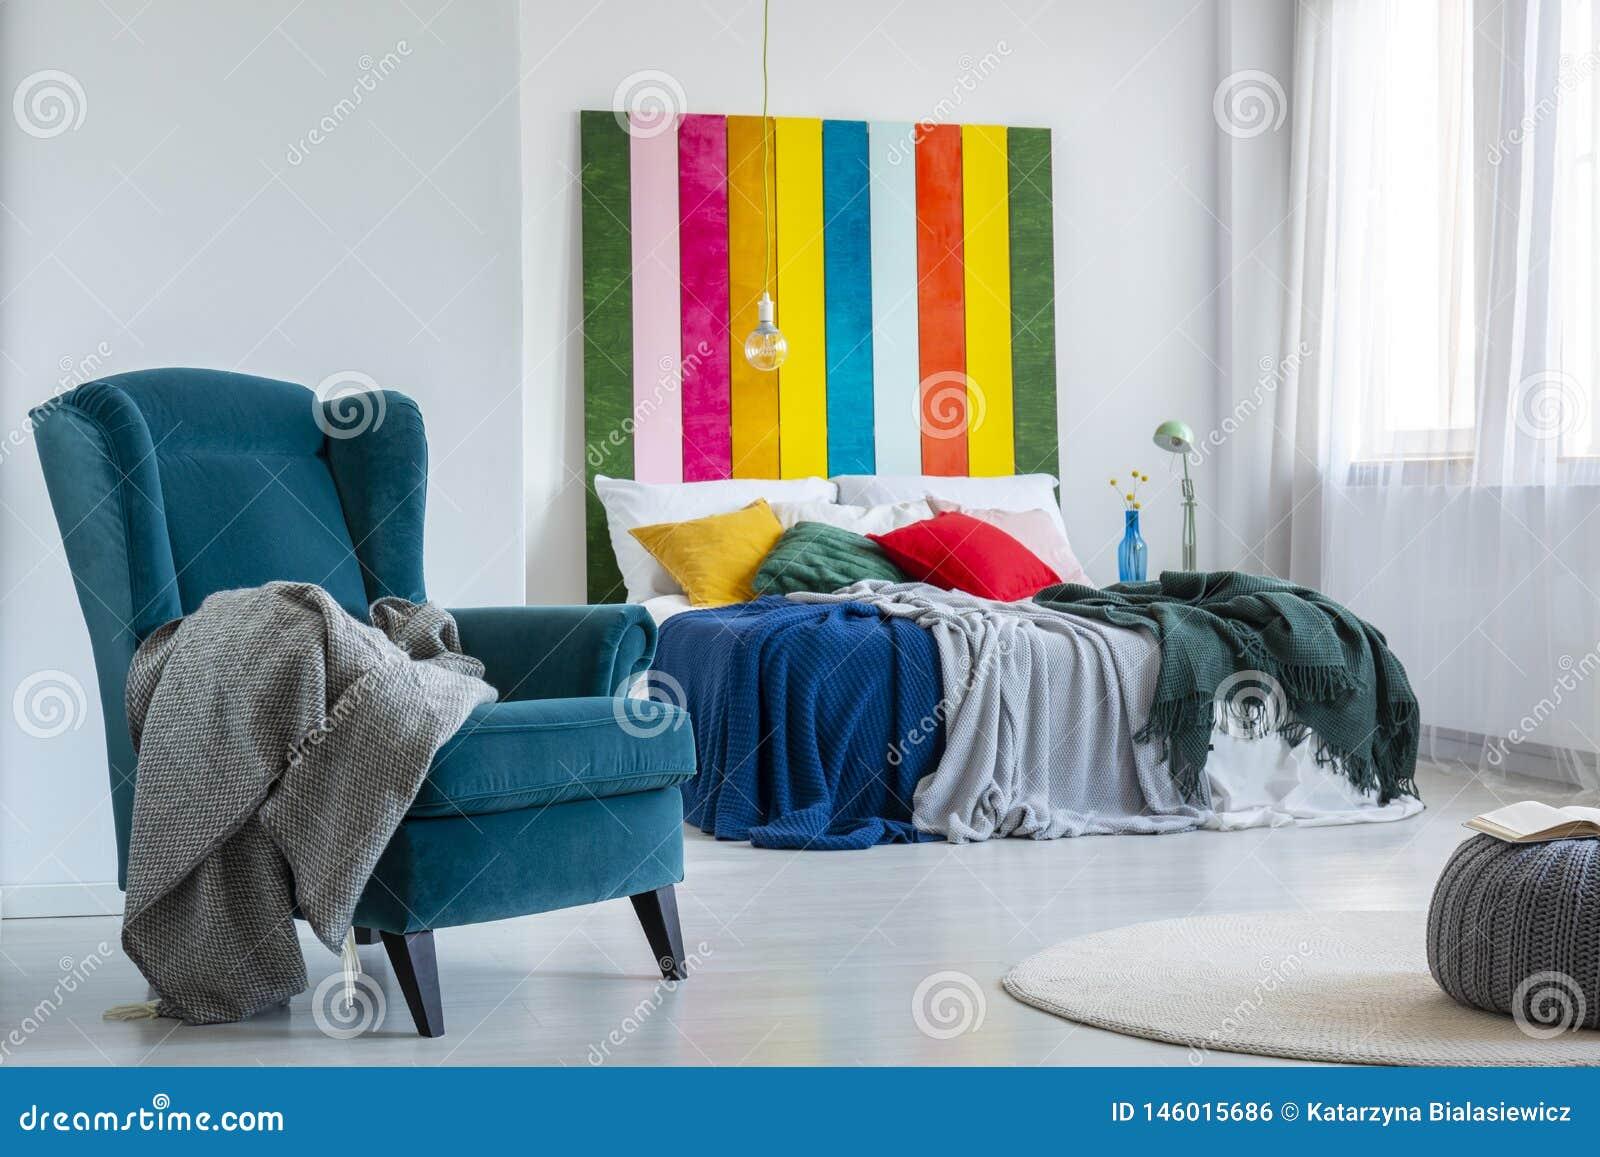 Couverture grise sur un fauteuil confortable et bleu à côté d un lit coloré avec des coussins dans un intérieur lumineux de chamb